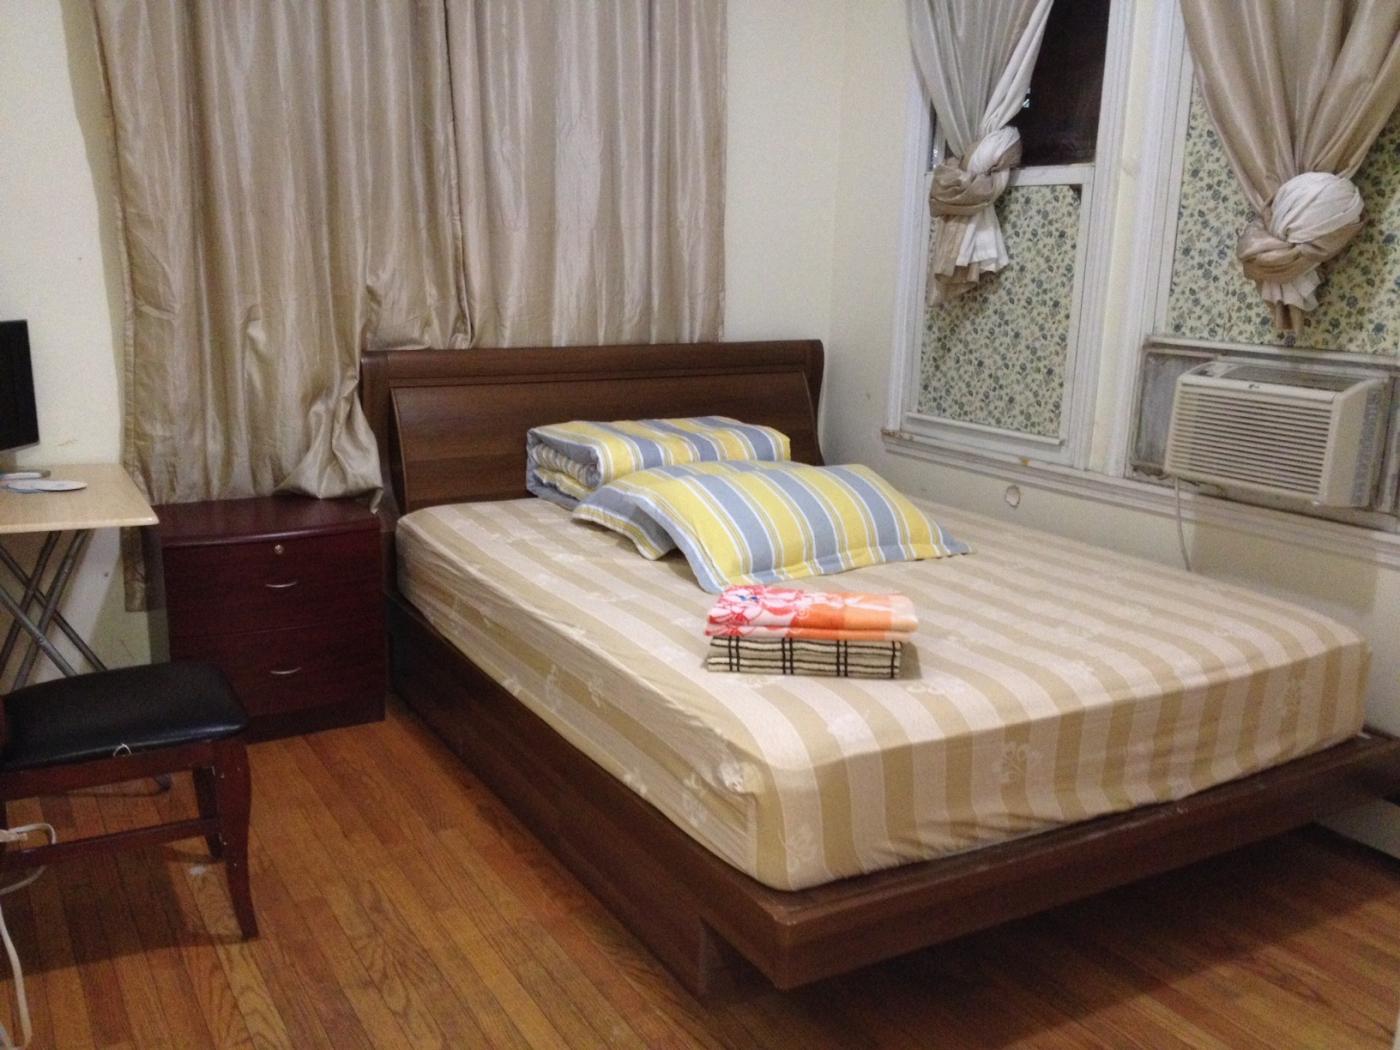 紐約民宿-法拉盛旅館-台灣人經營-學生短期租房_图1-6